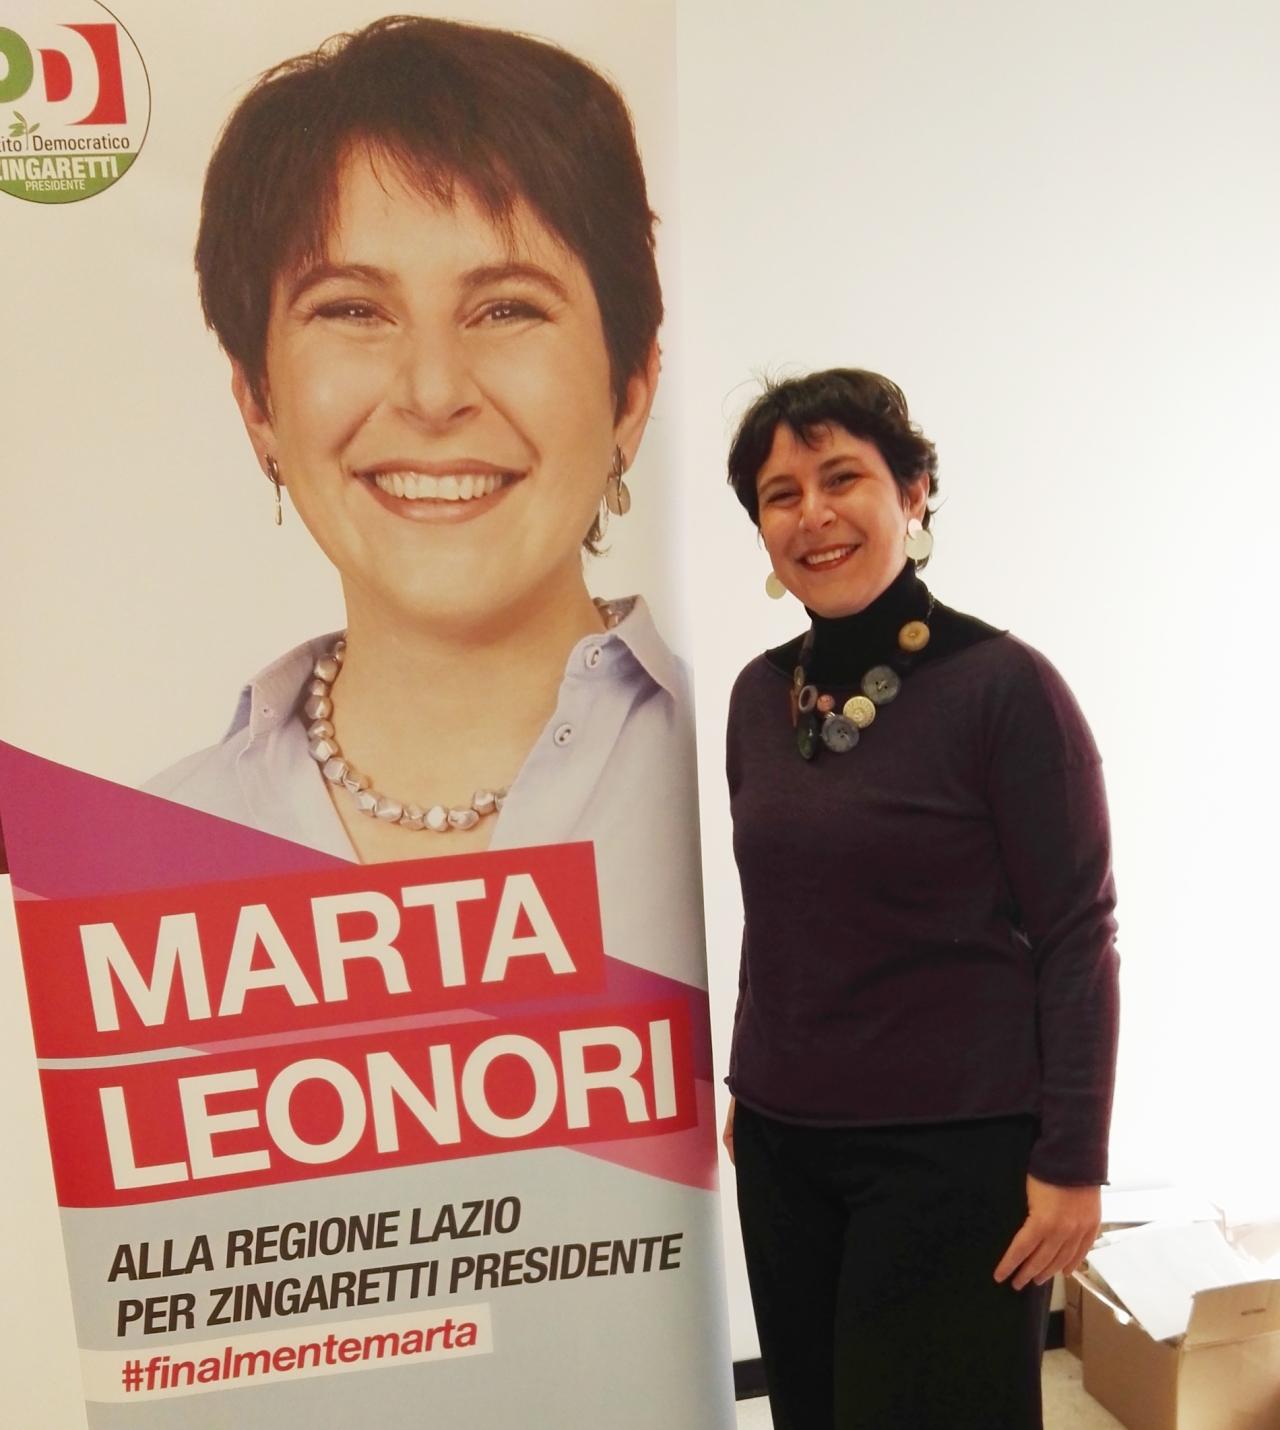 ROMA. LEONORI (PD): LA REGIONE REALIZZA NUOVE CASE, DALLA LEGA SOLOSGOMBERI